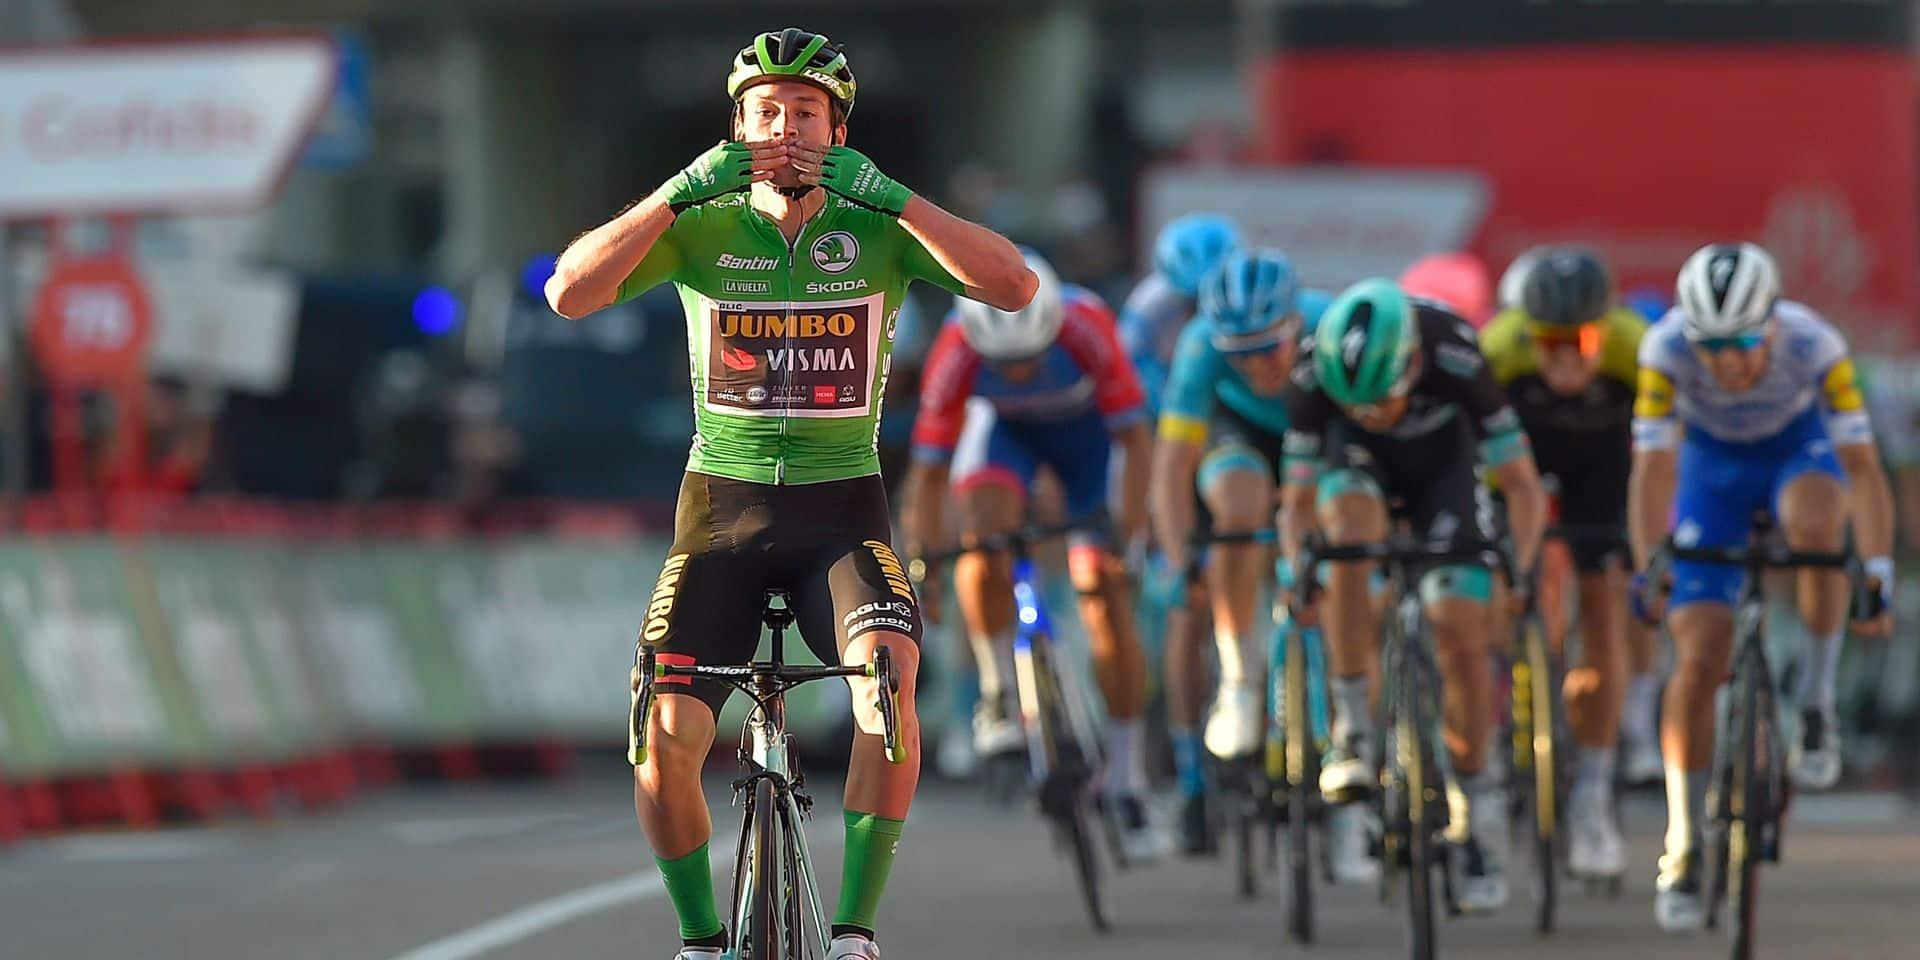 Vuelta: Primoz Roglic remporte la 10e étape en costaud et reprend la maillot rouge